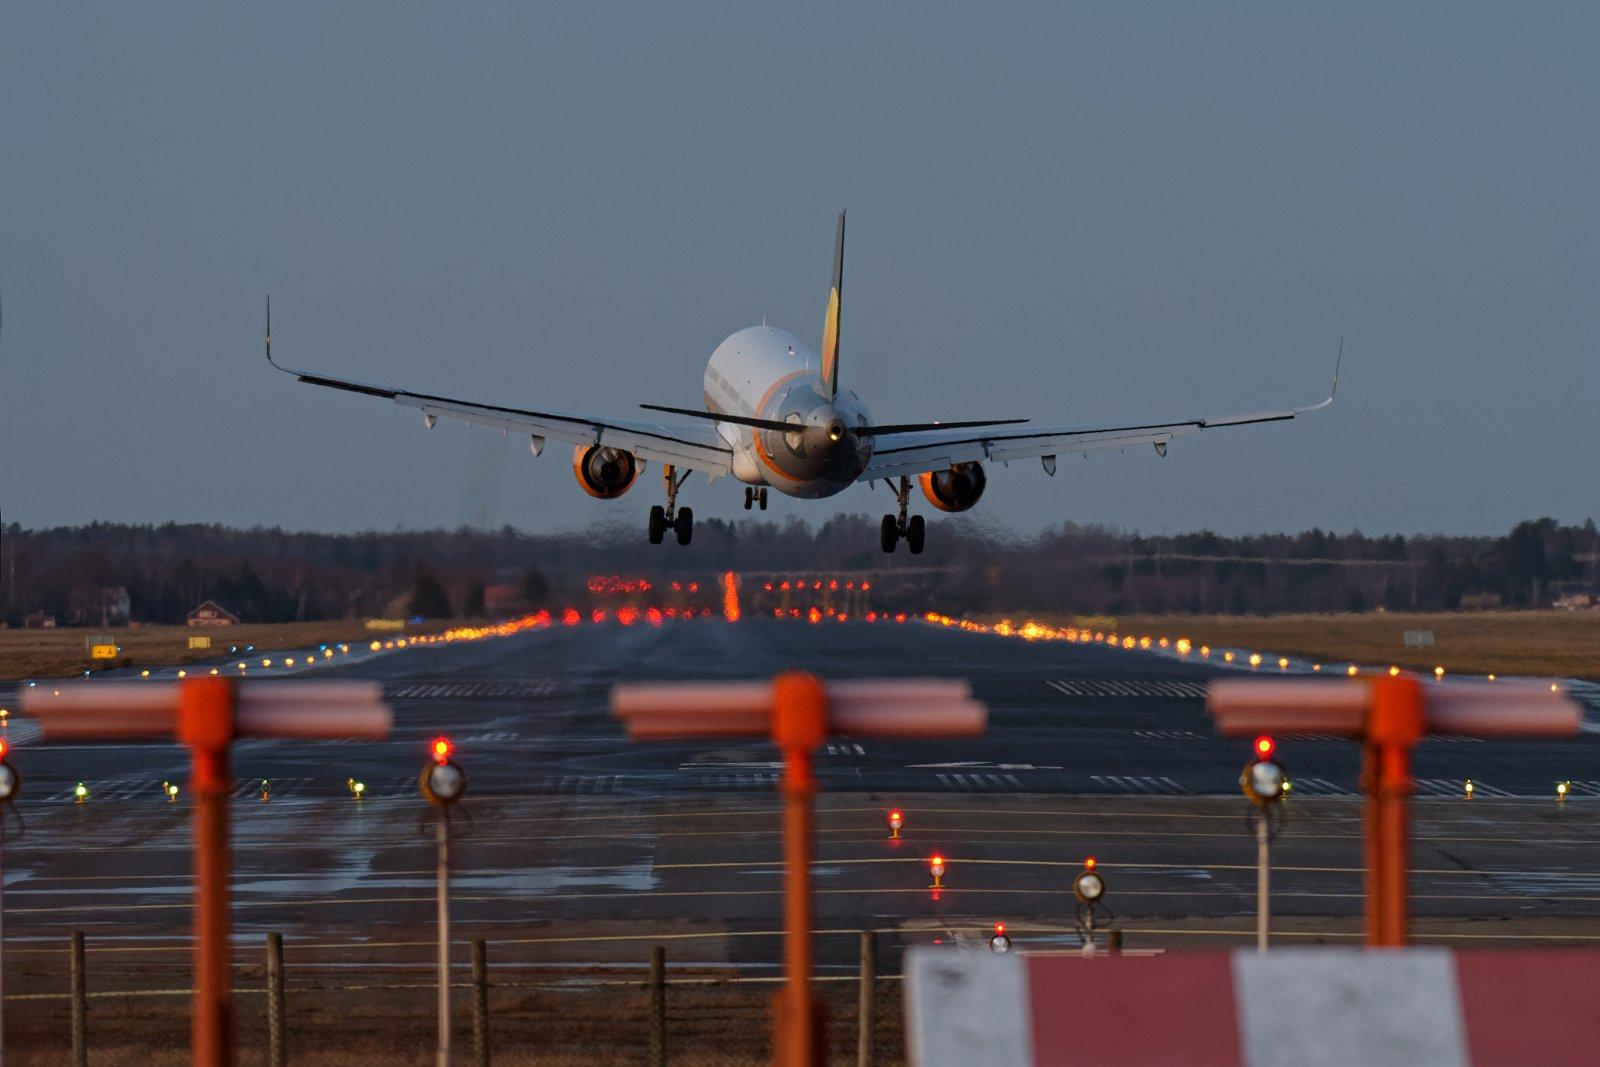 OY-TCD laskeutuu Vaasan lentokentälle iltapäivän valossa